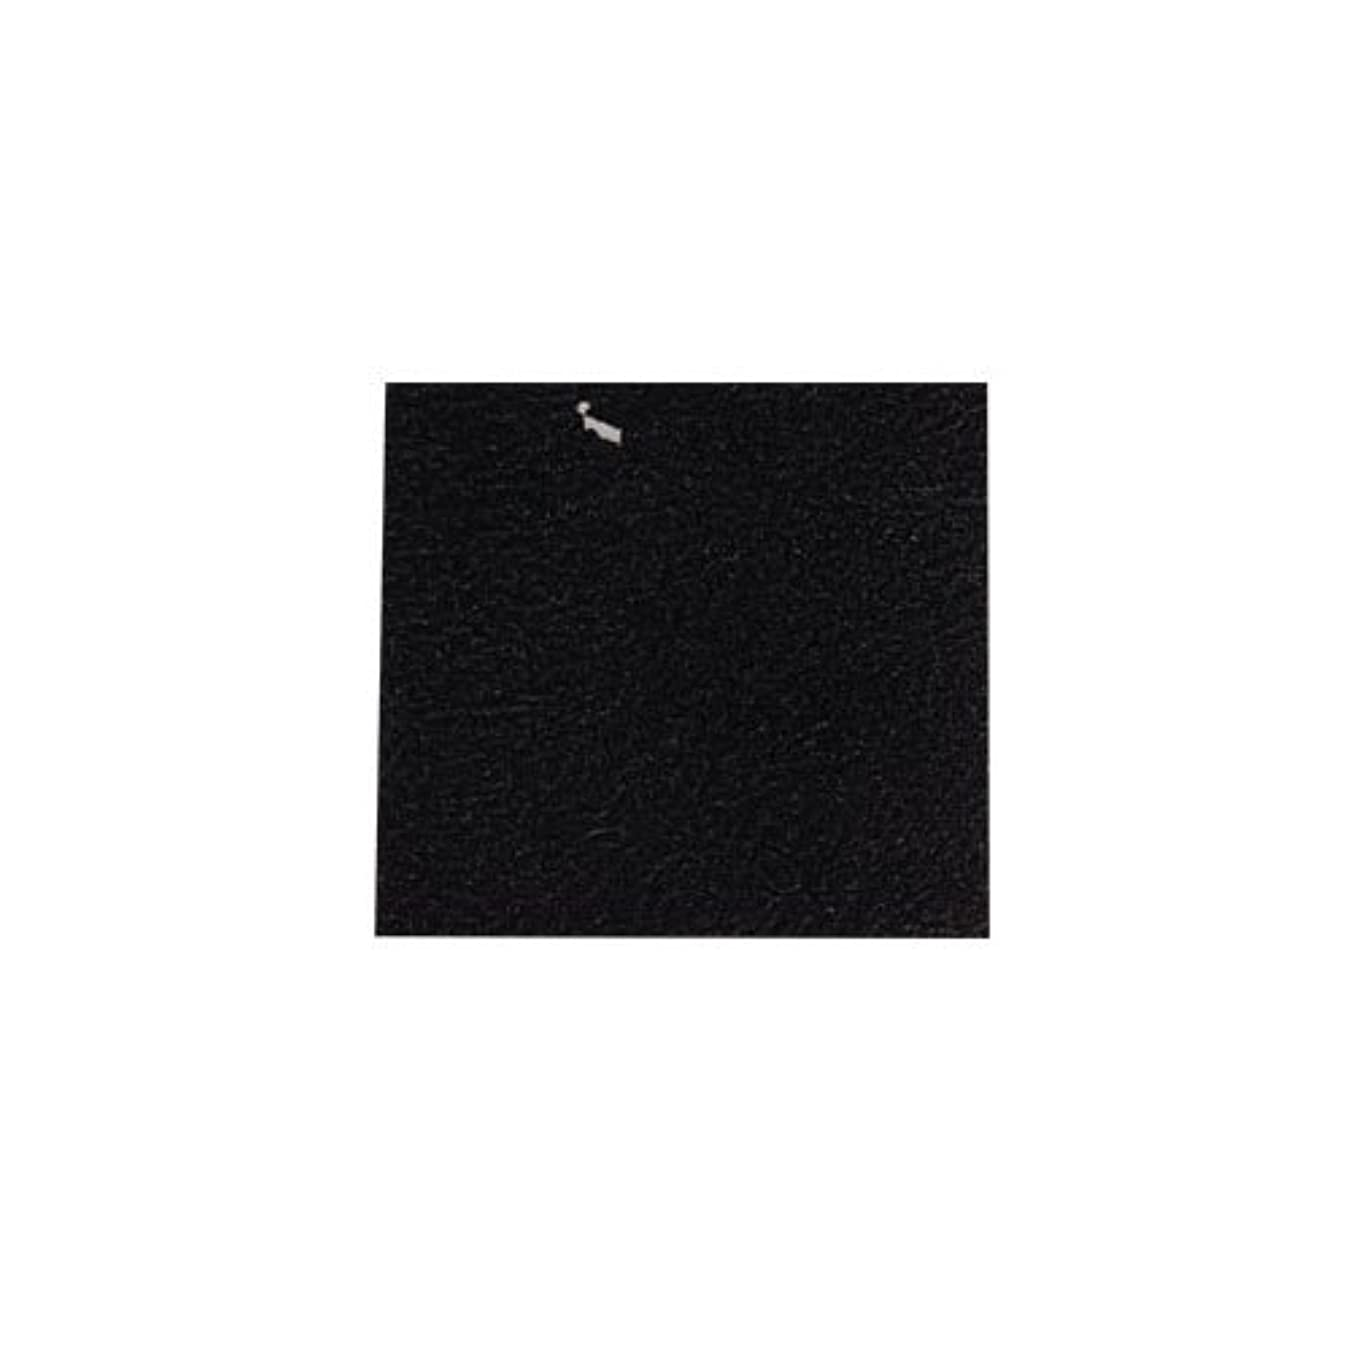 エイリアン慎重に田舎者ピカエース ネイル用パウダー カラー純銀箔 #620 黒色 3.5㎜角×5枚